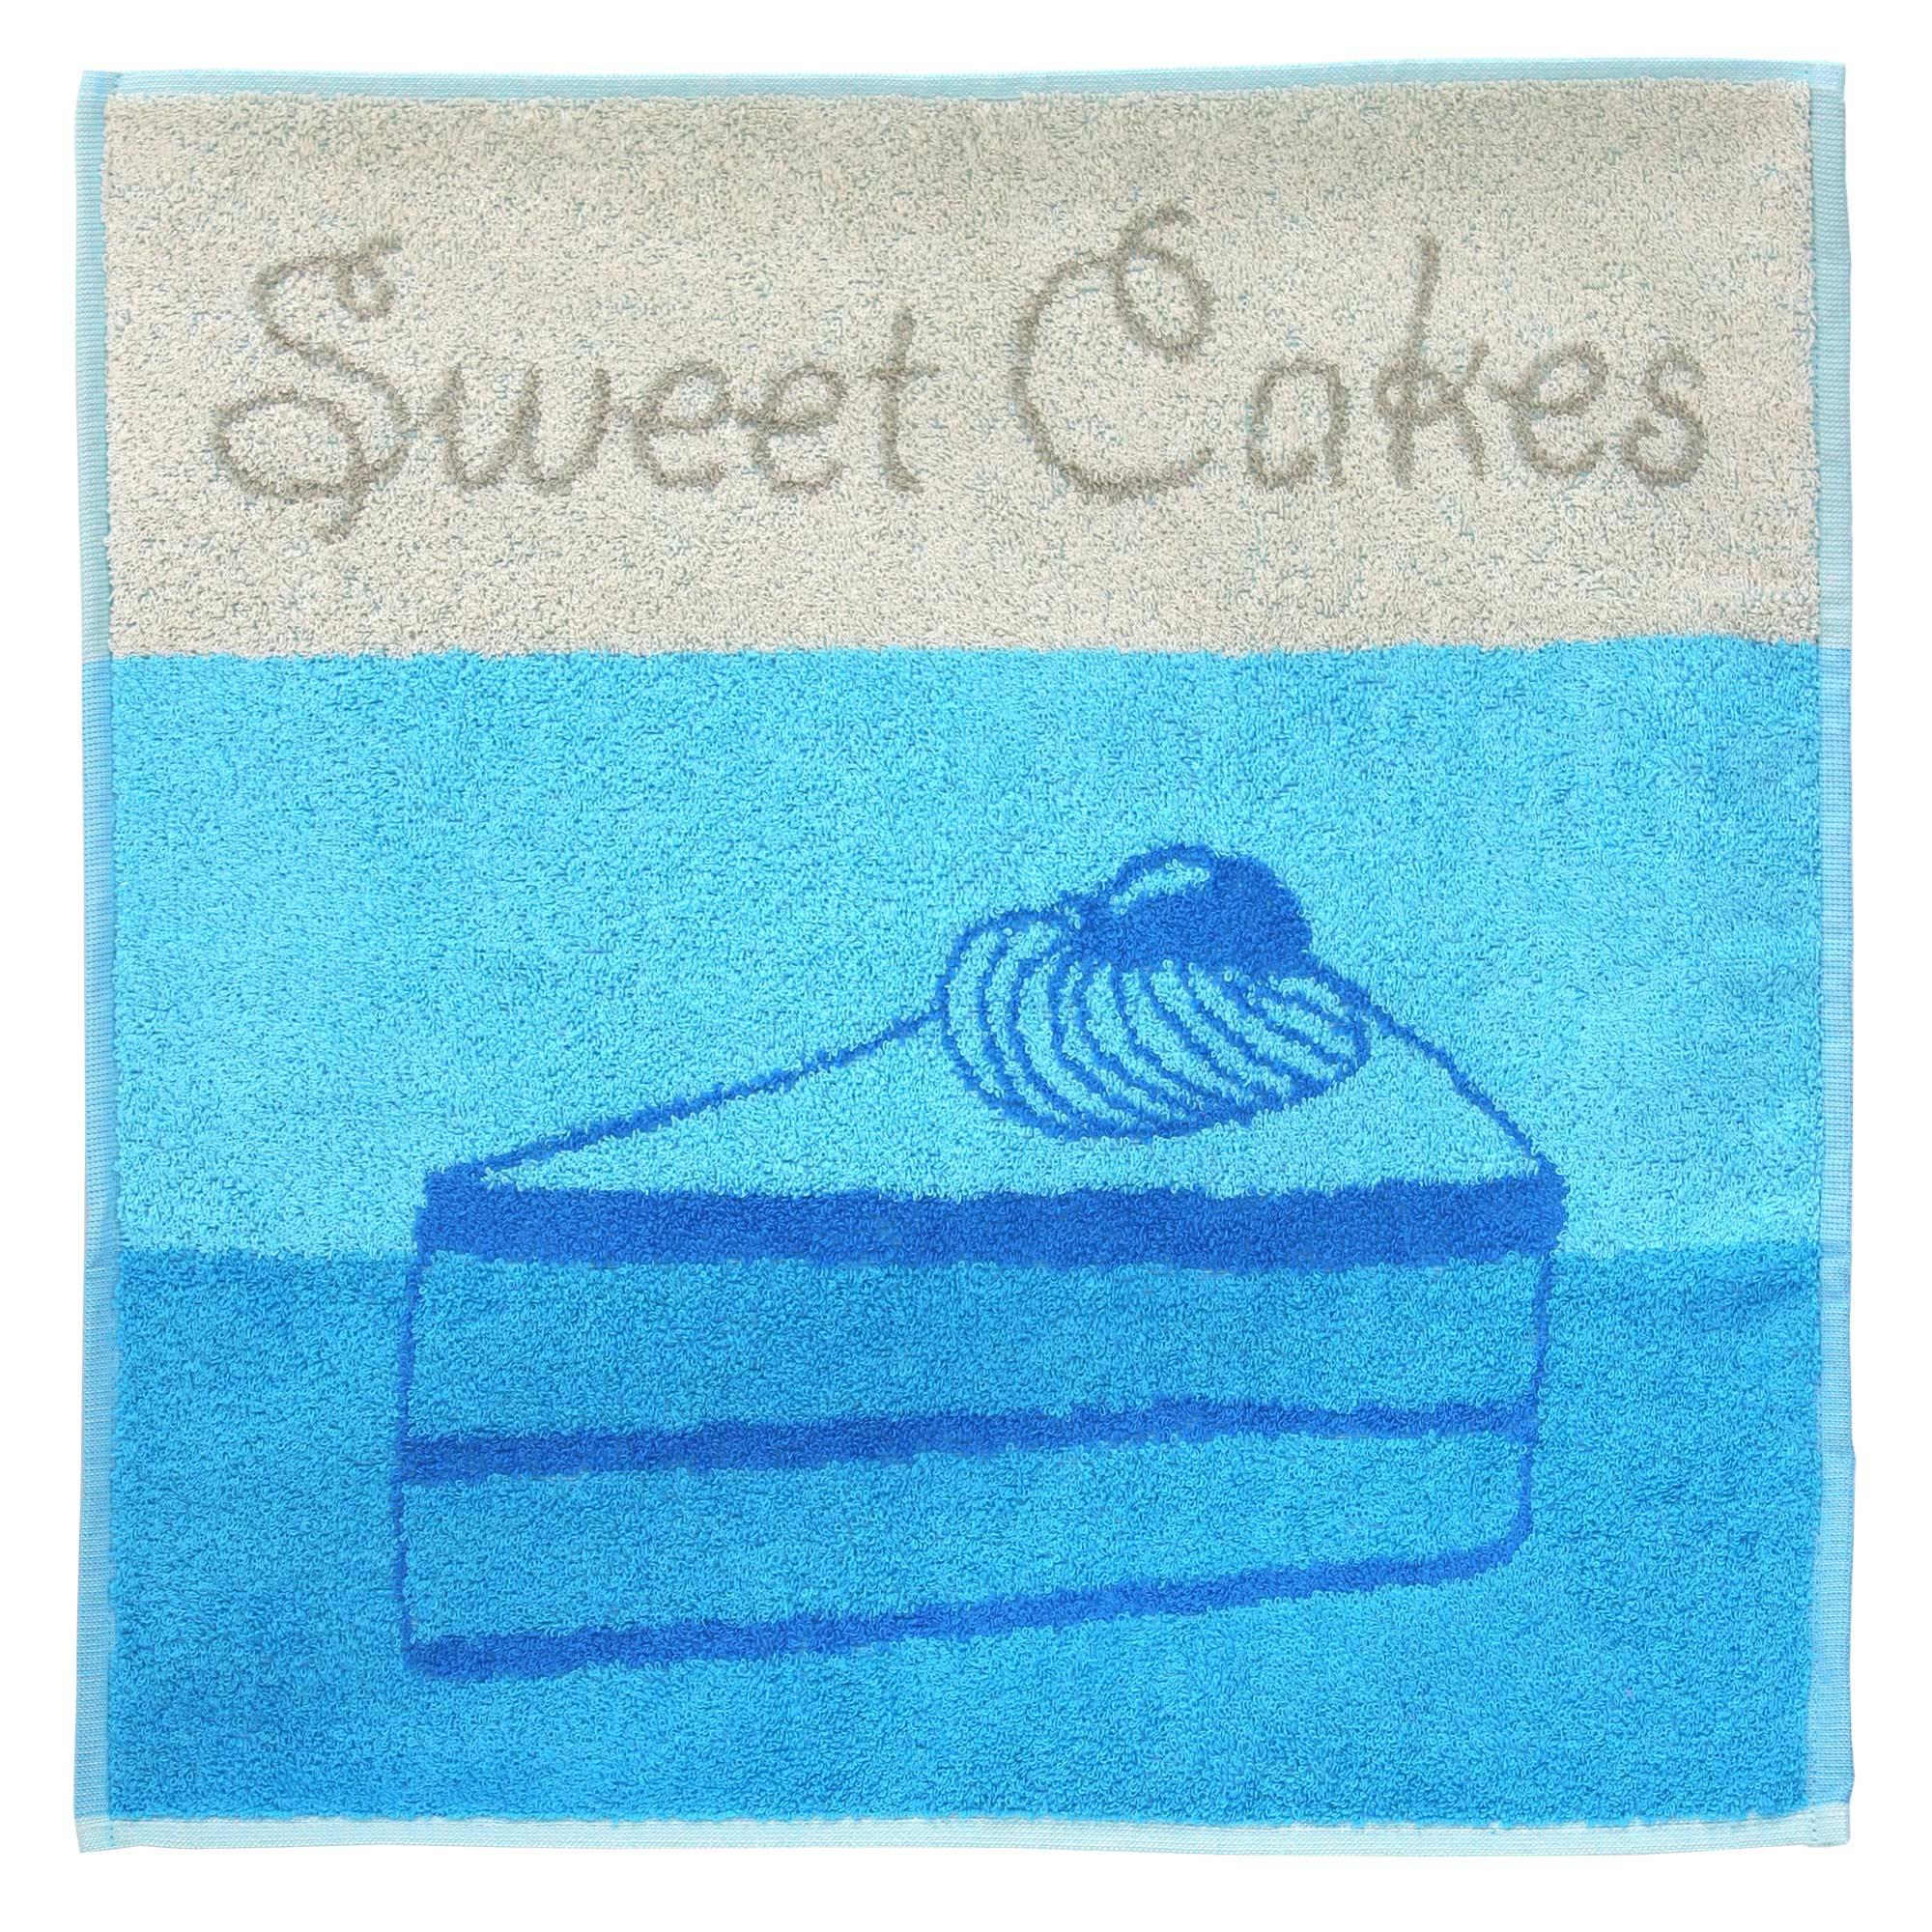 torchon de cuisine ponge 50x50 cm cakes bleu linnea linge de maison et. Black Bedroom Furniture Sets. Home Design Ideas